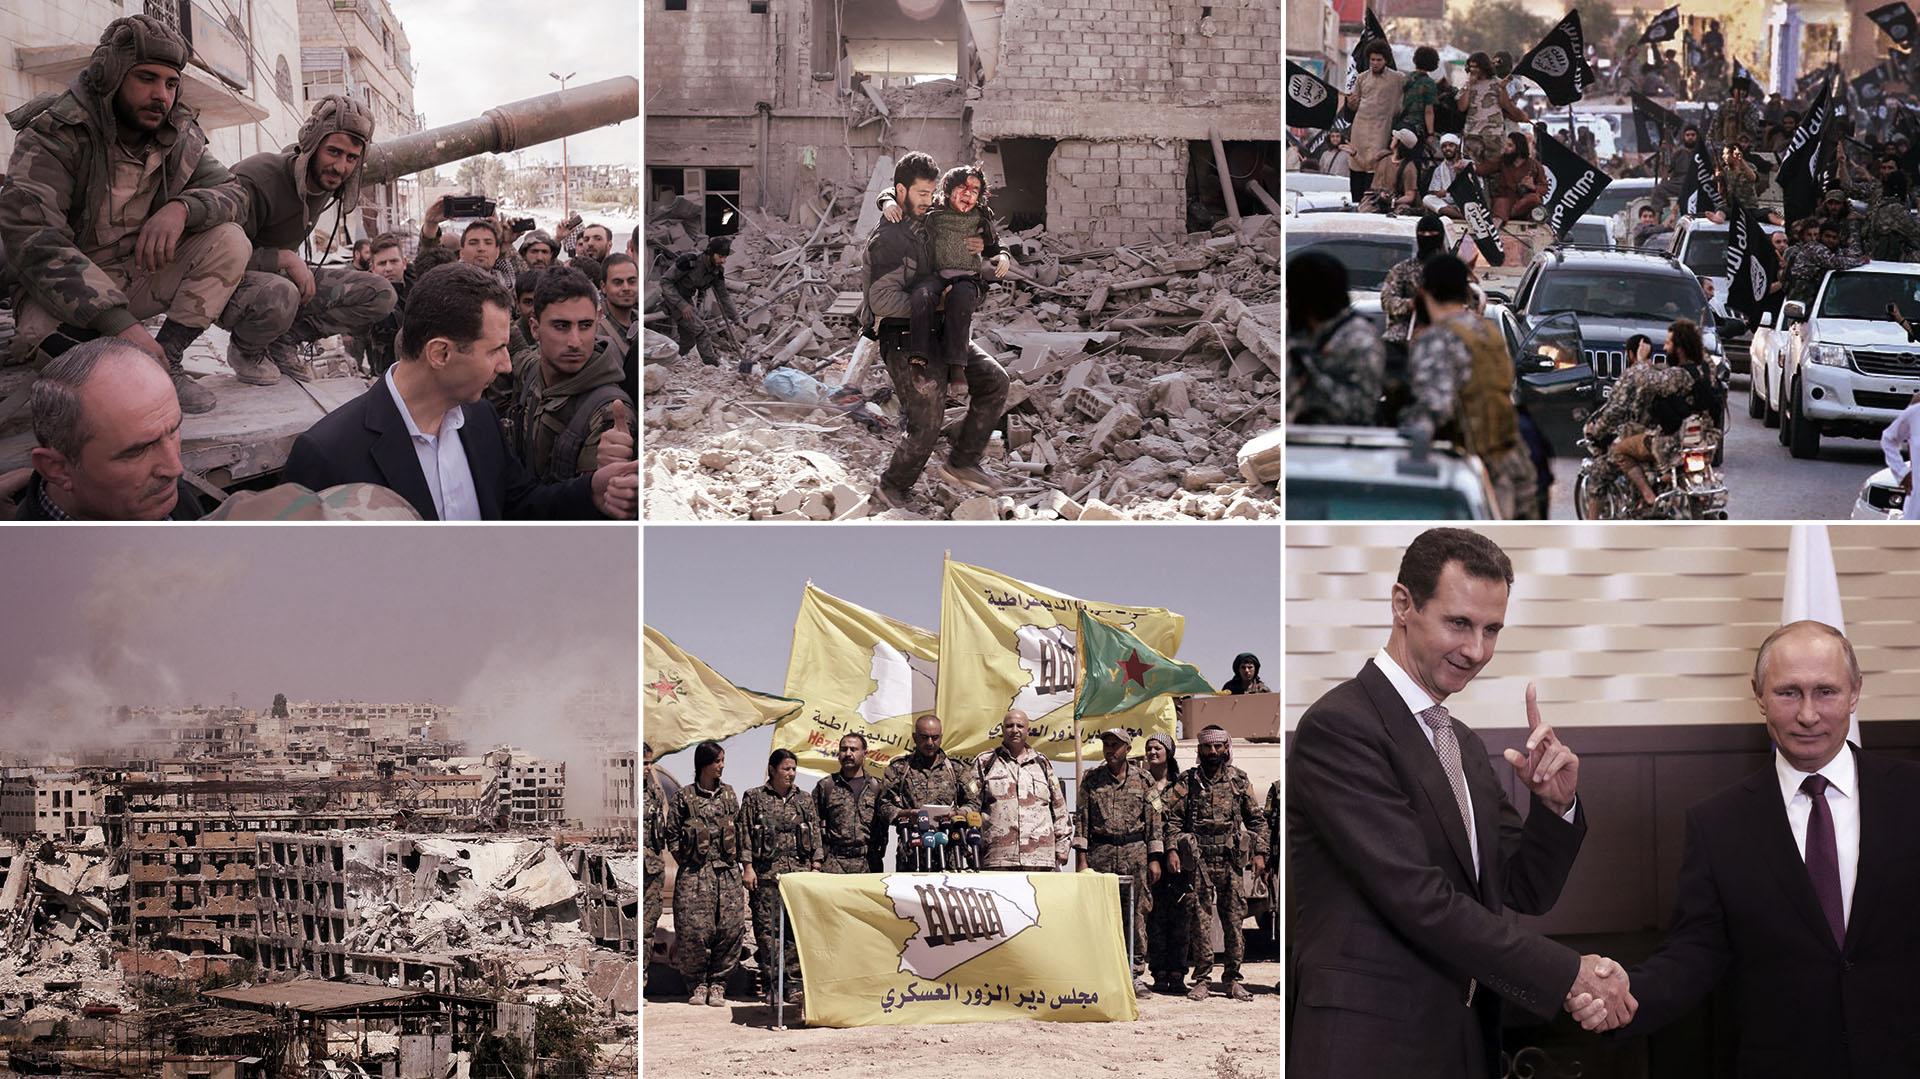 La Guerra Siria se acerca a un desenlace, con Bashar al Assad como gran ganador